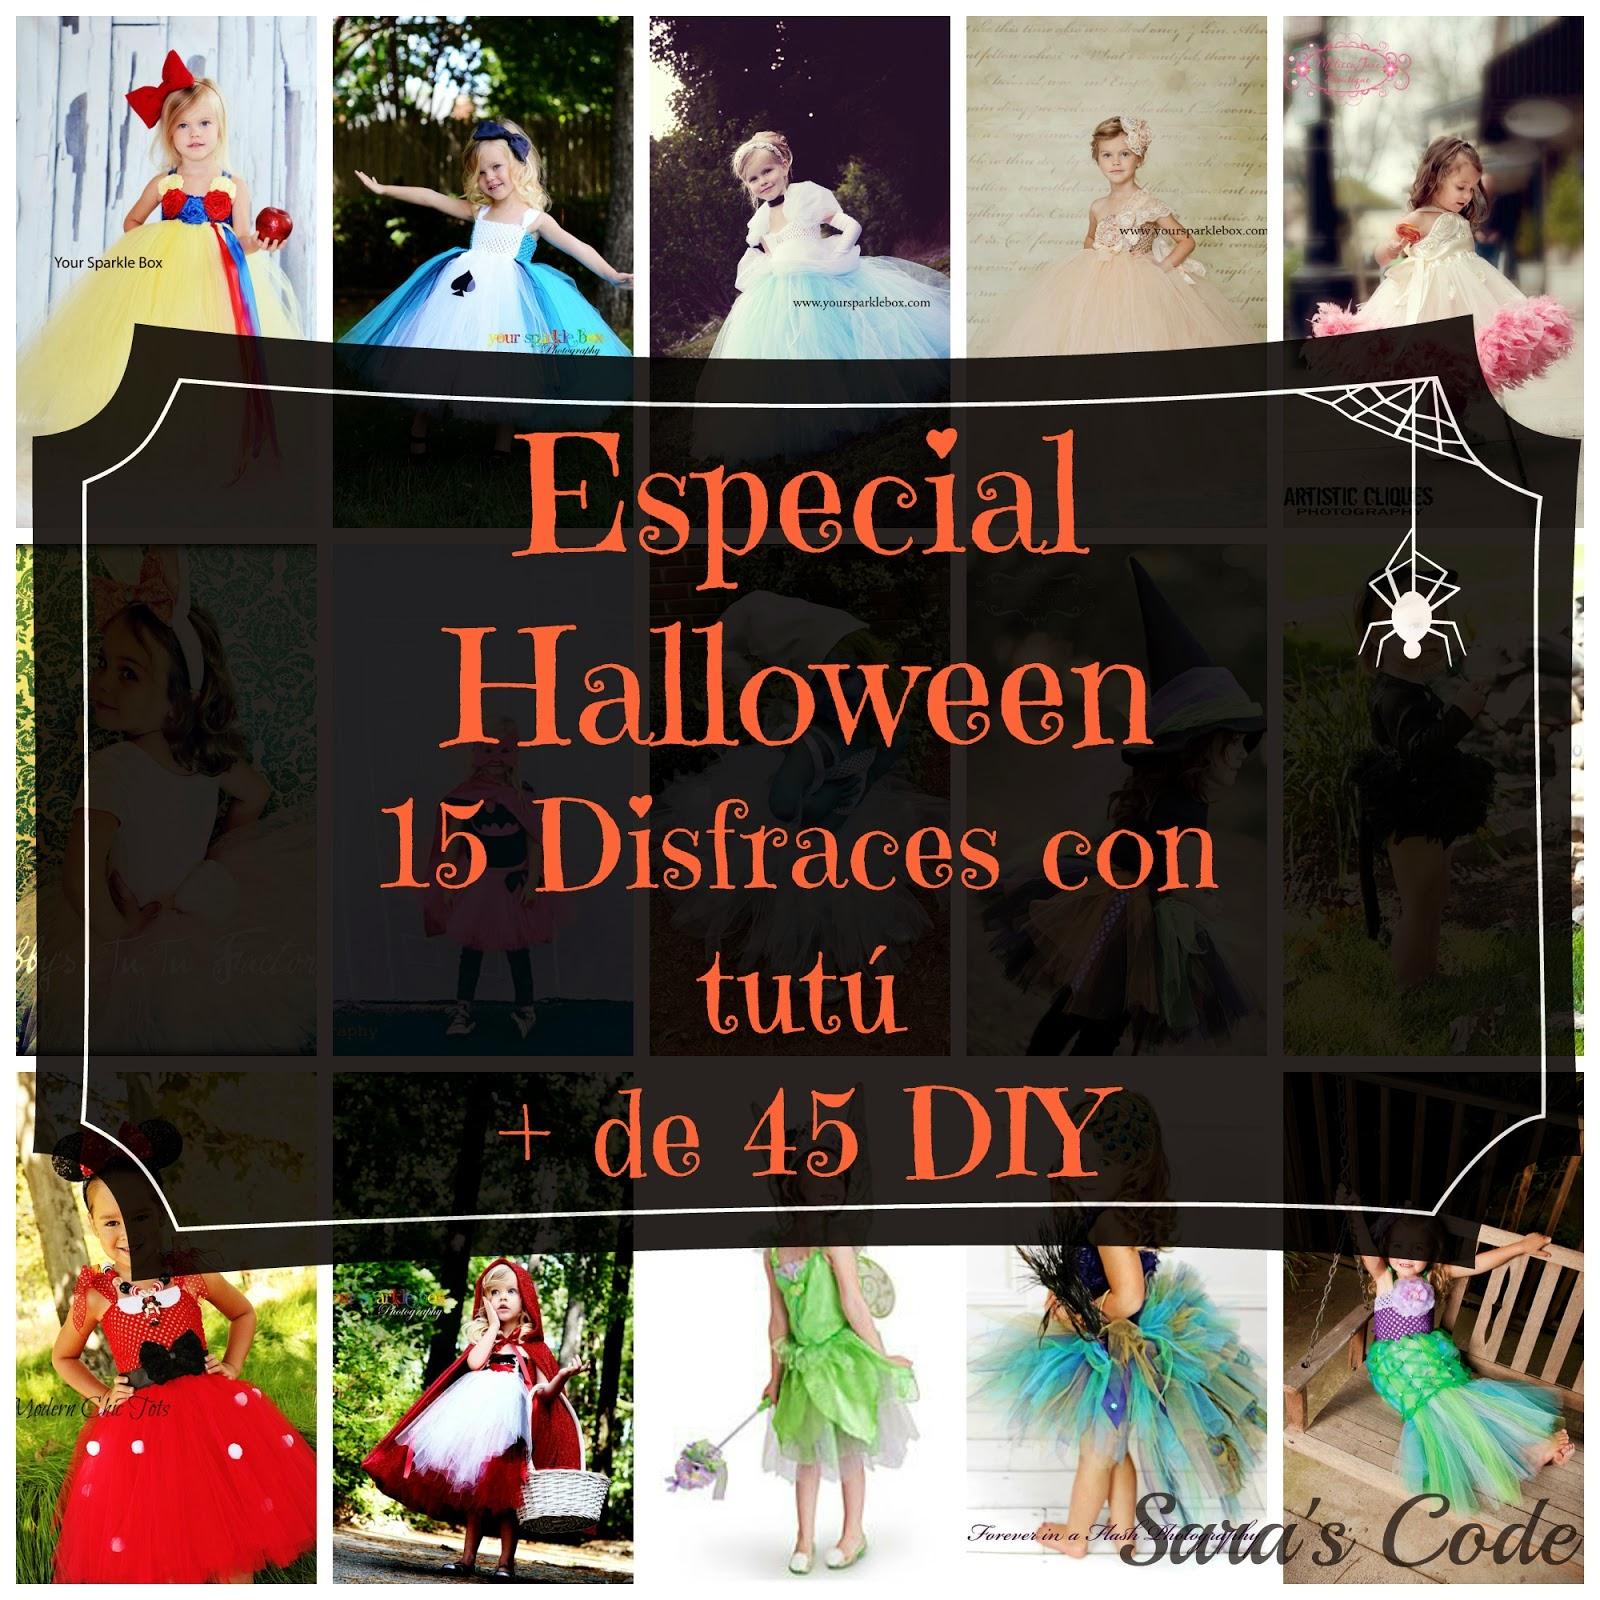 Especial Halloween: 15 disfraces con tutú